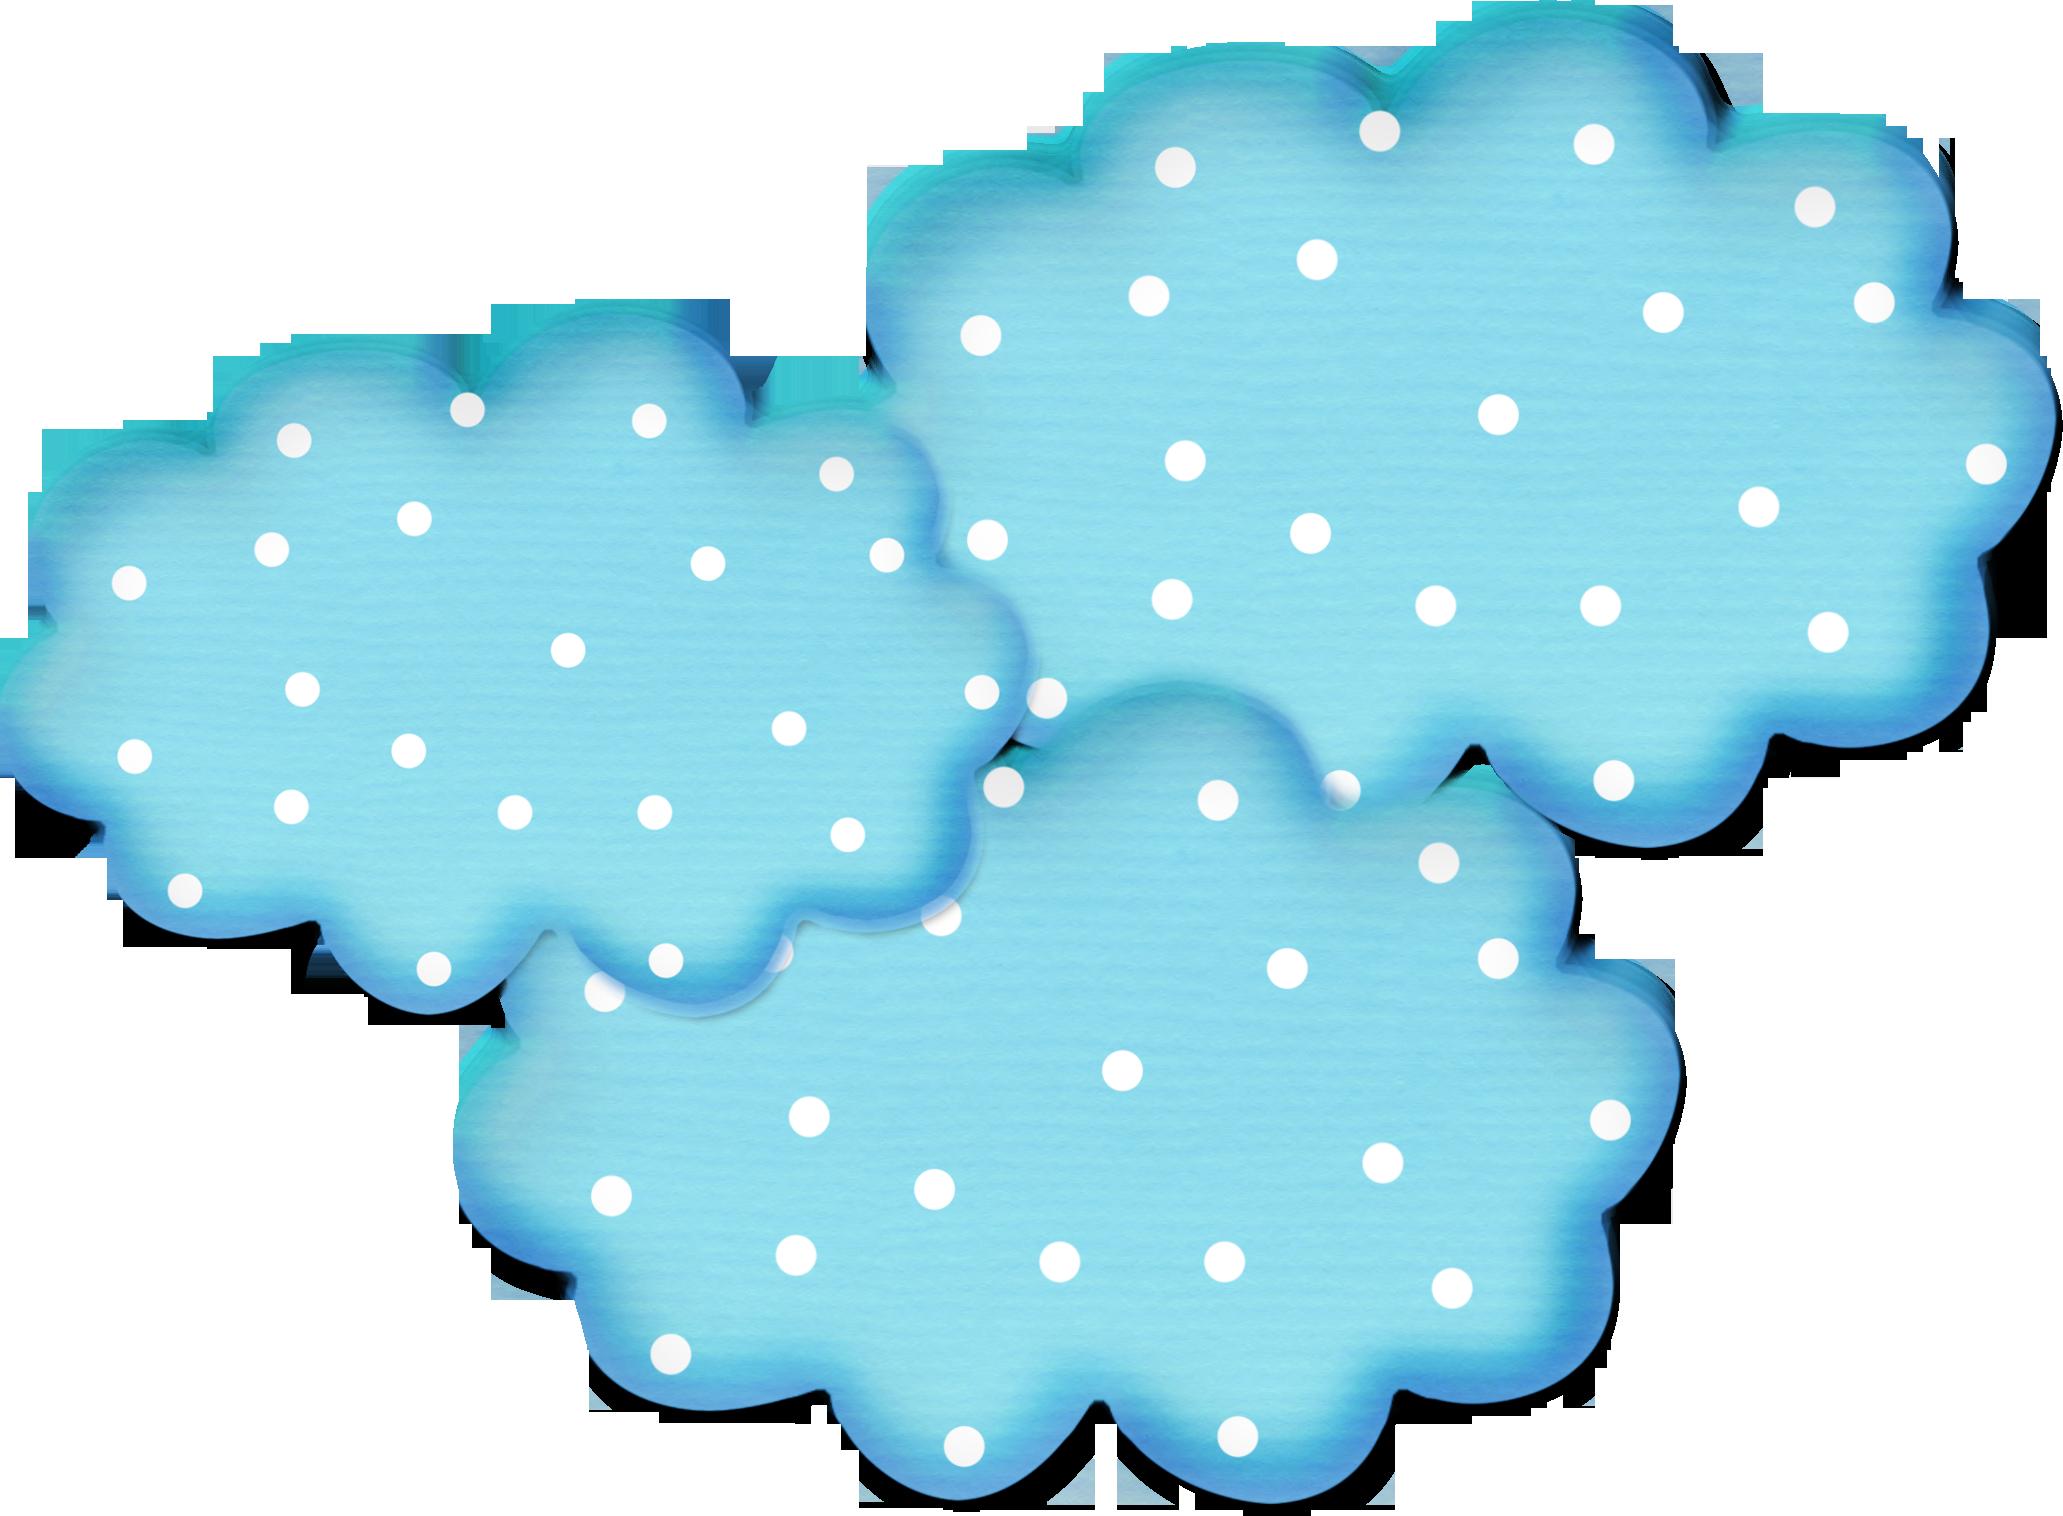 Картинка для детей на прозрачном фоне облаков